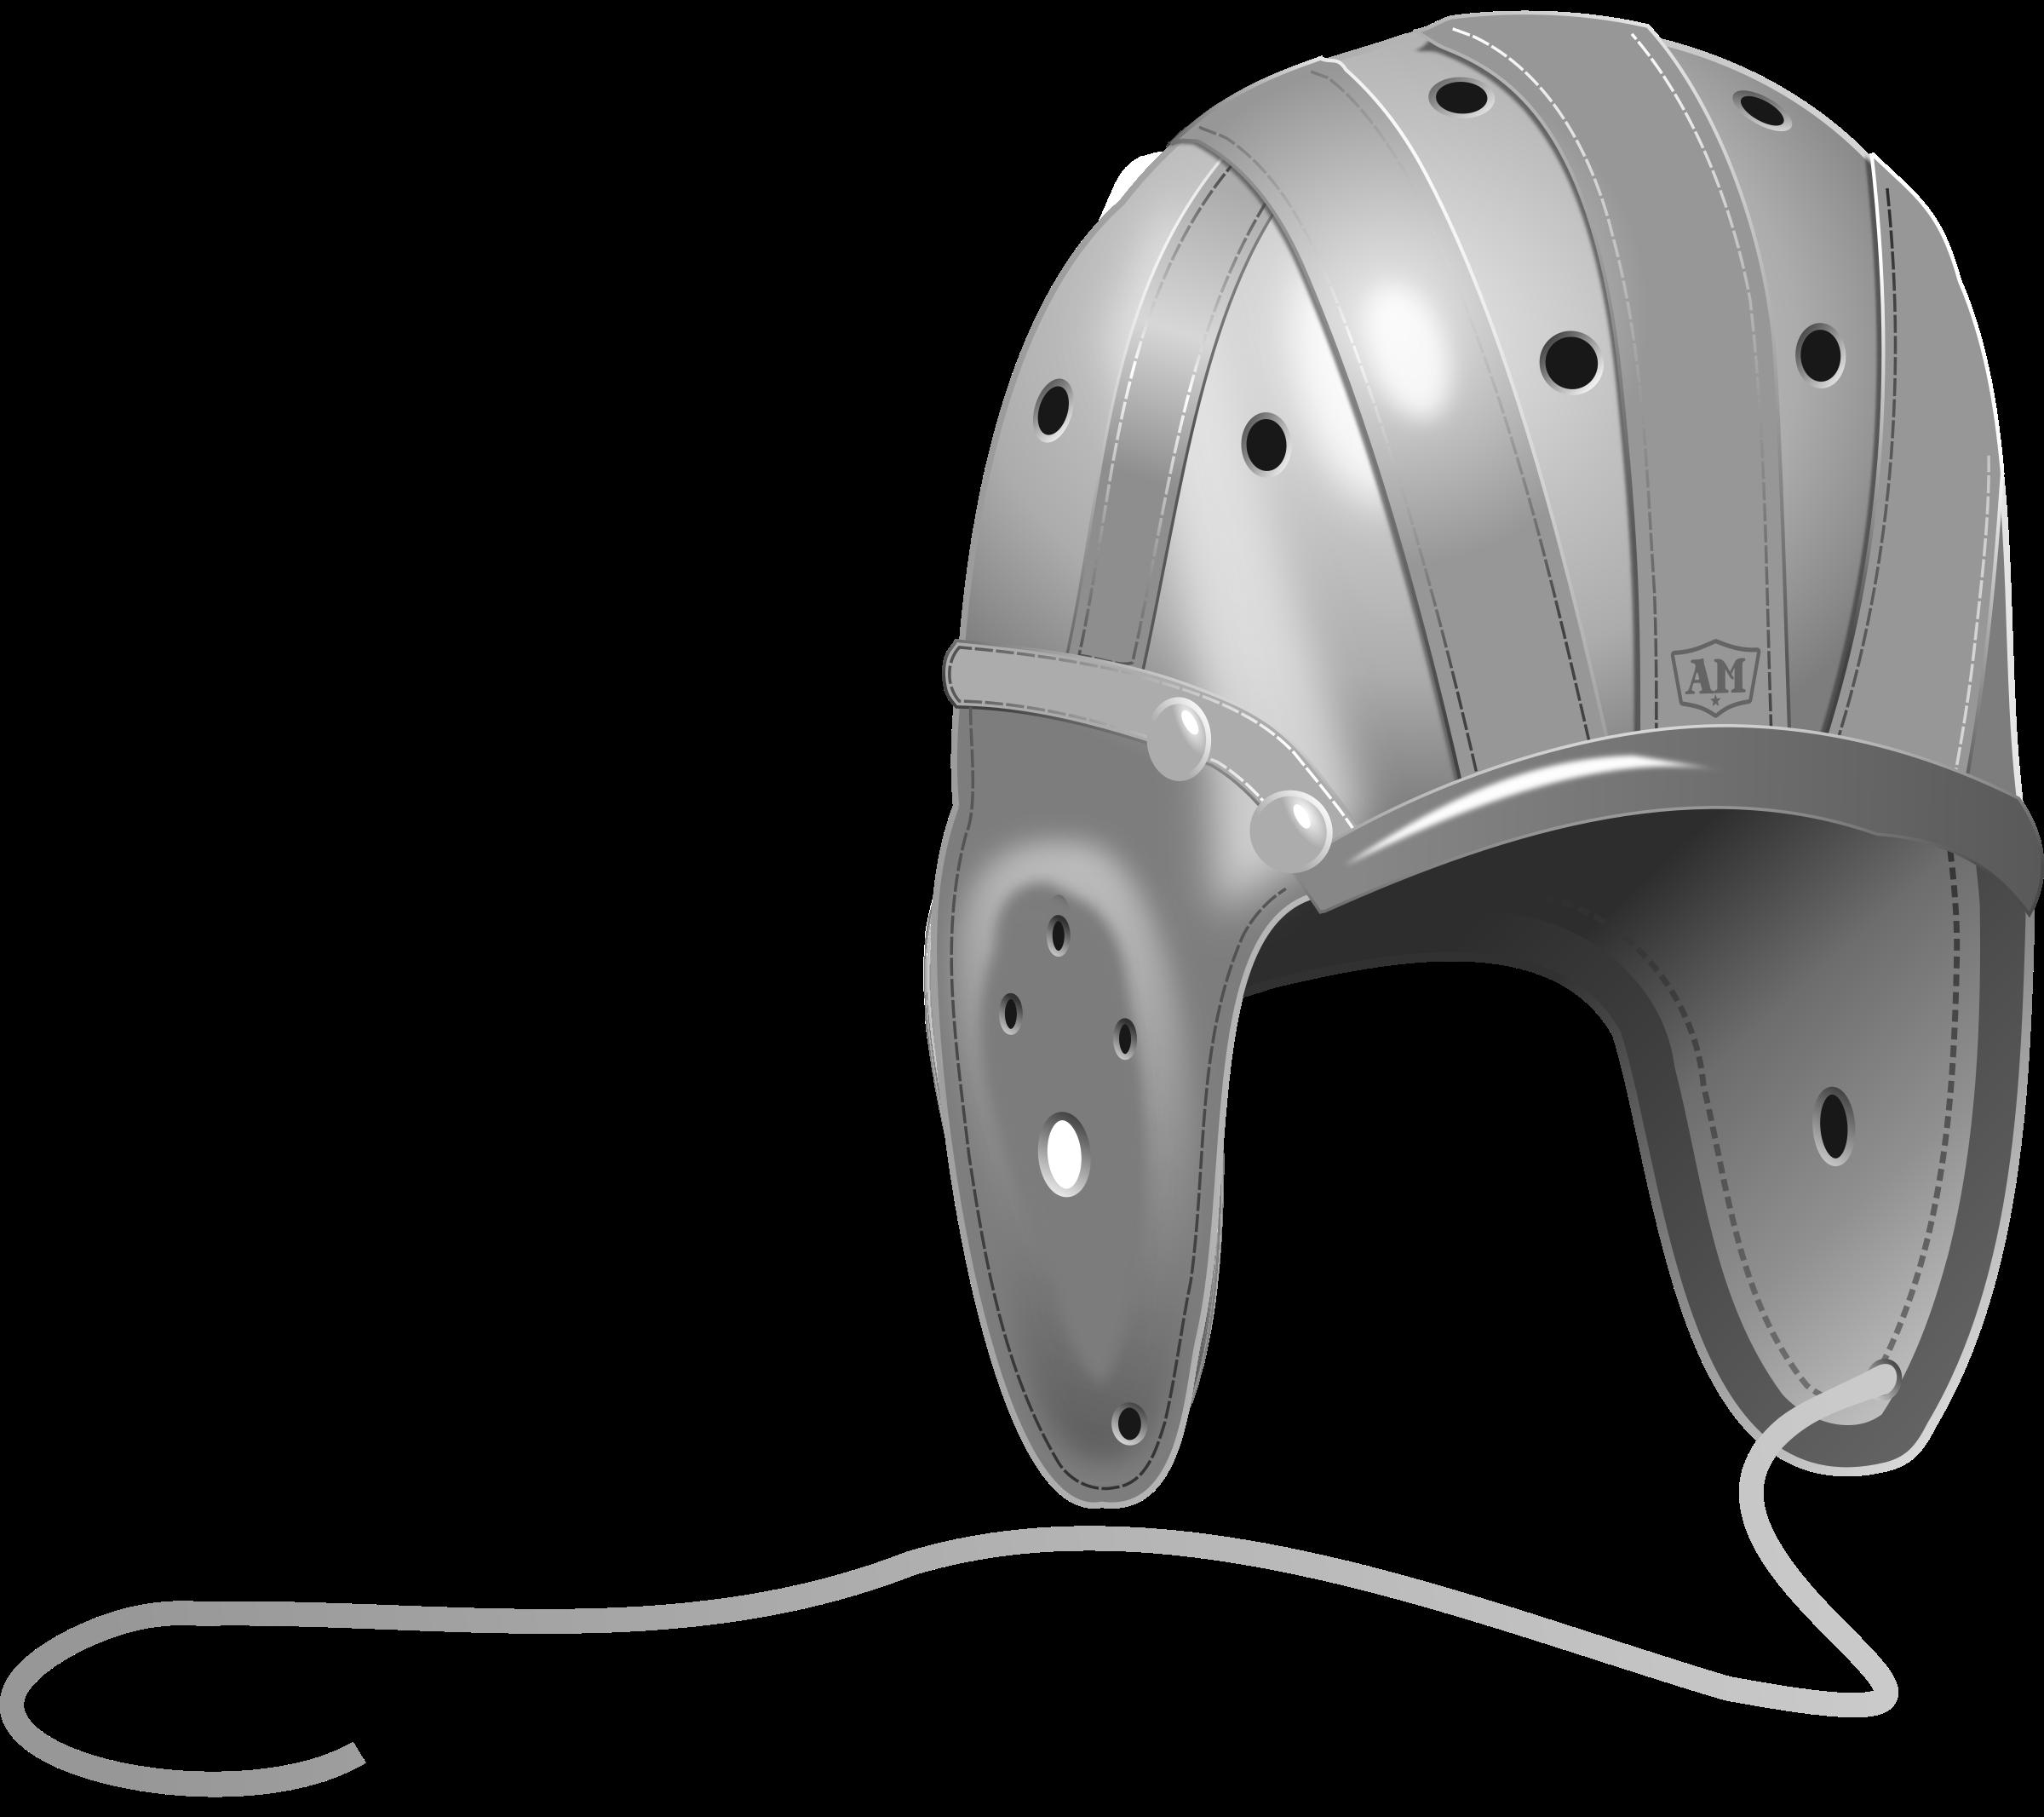 Helmet clipart motorbike helmet. S leather football big